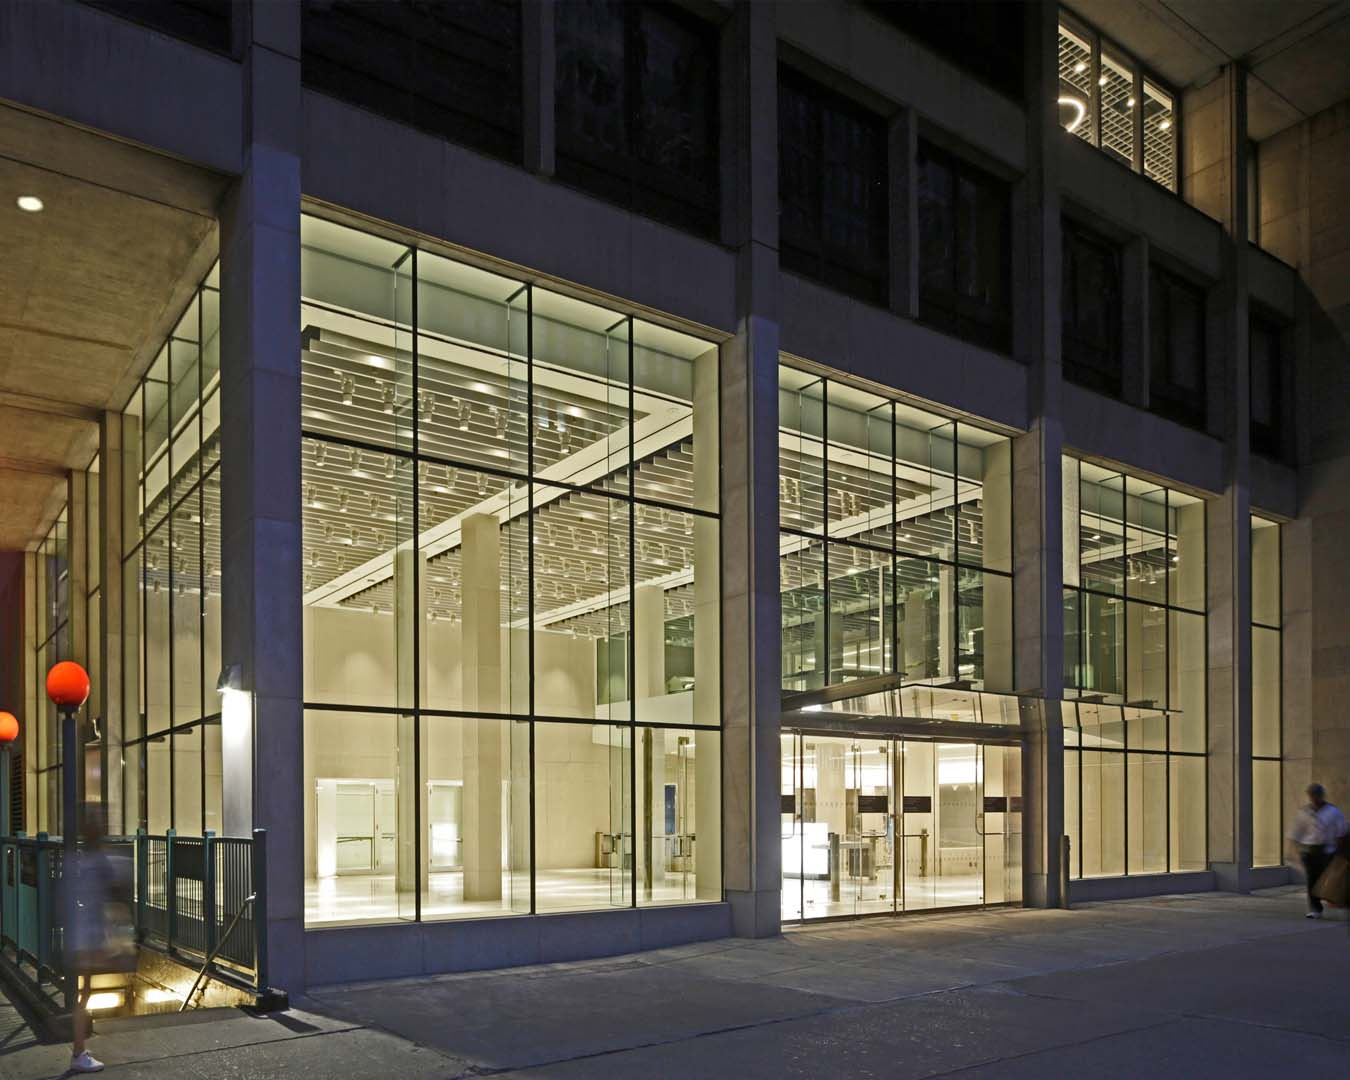 Pomerantz Lobby, Fashion Institute of Technology